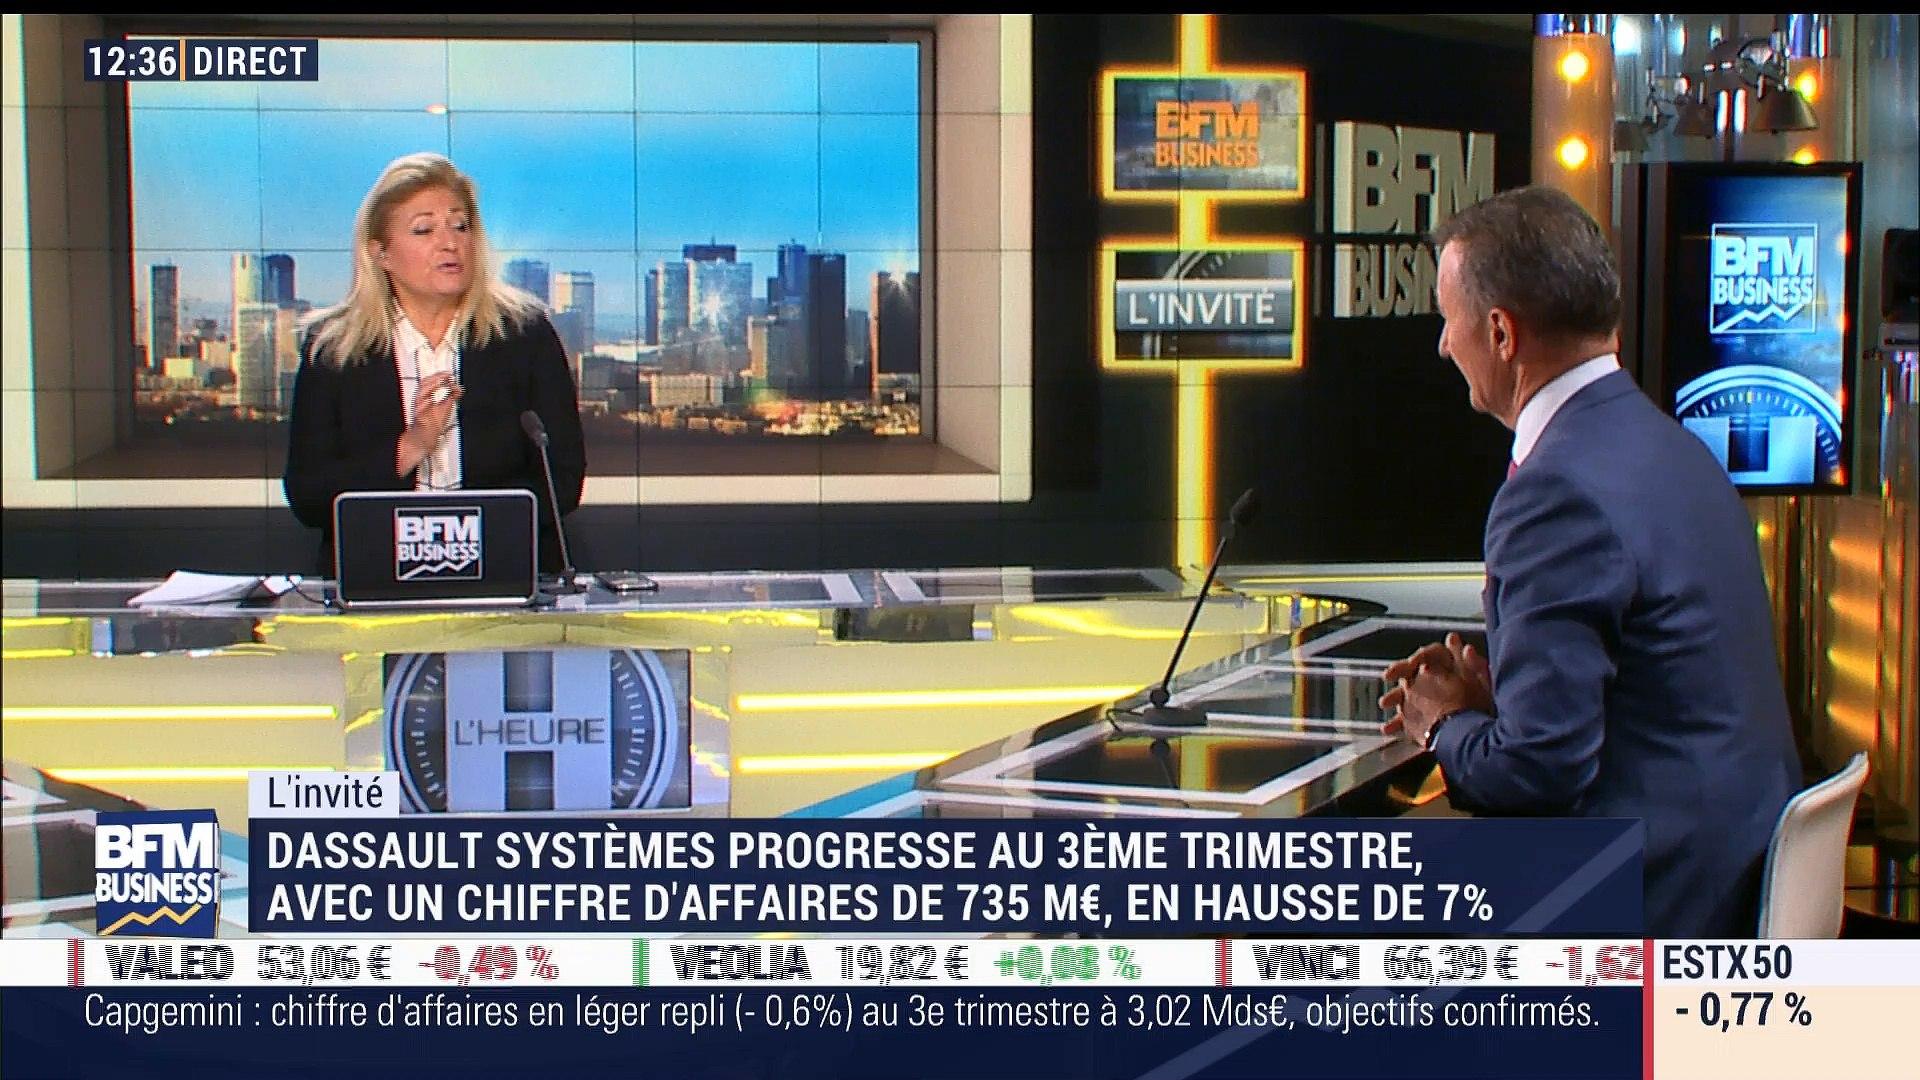 Excellents résultats trimestriels pour Dassault Systèmes, avec un chiffre d'affaires en hausse de 7% - 26/10